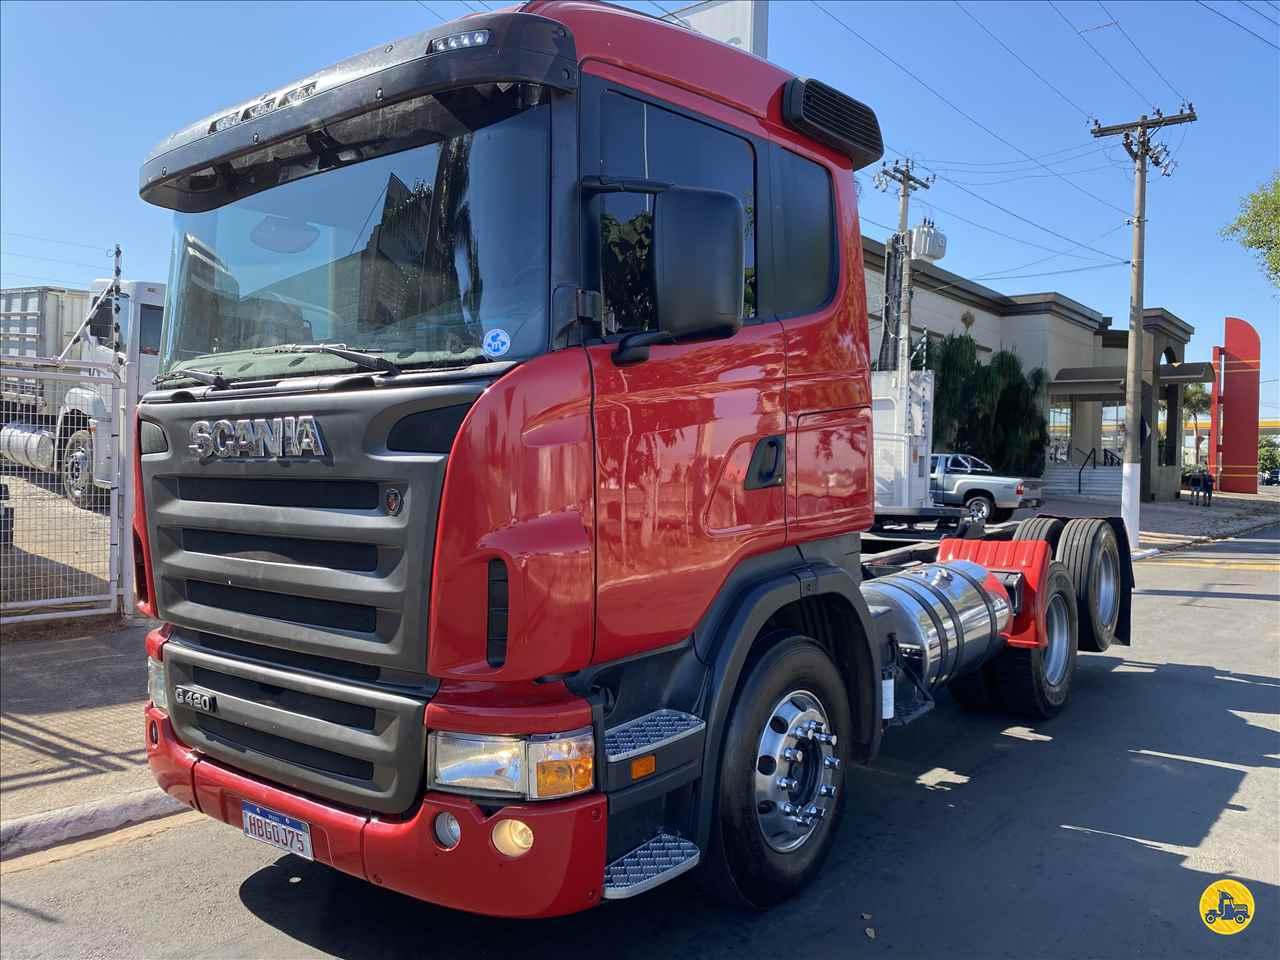 CAMINHAO SCANIA SCANIA 420 Cavalo Mecânico Truck 6x2 Beto Caminhões Piracicaba AMERICANA SÃO PAULO SP